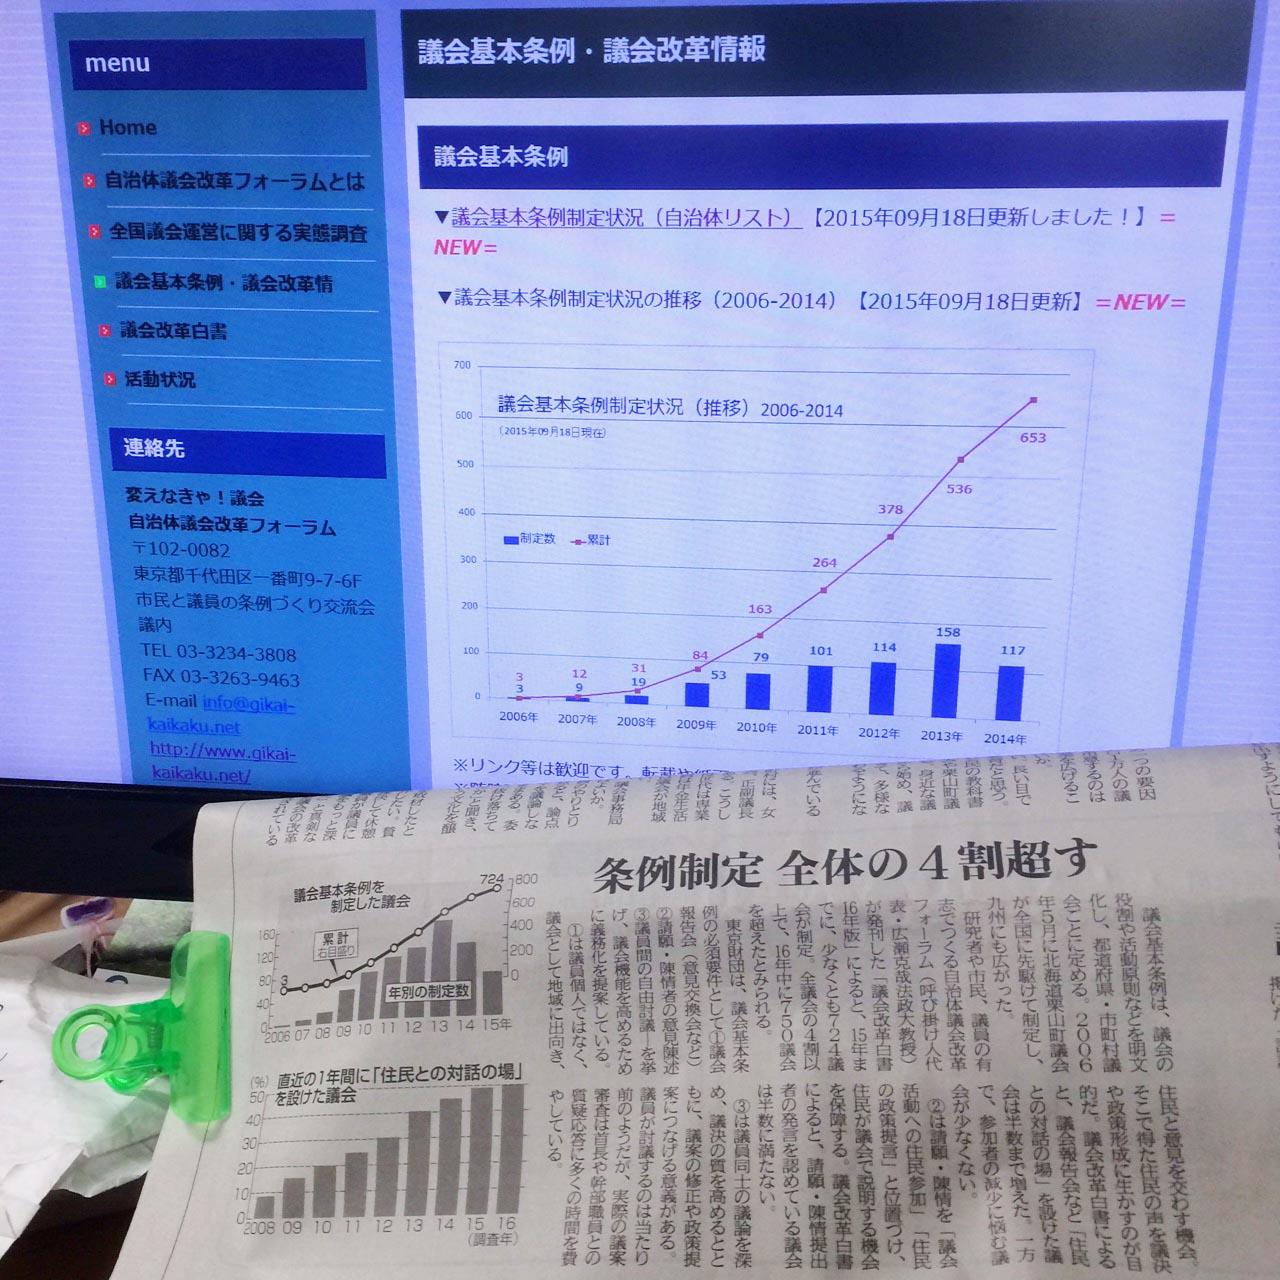 まちカフェ:議会改革_c0052876_17172715.jpg